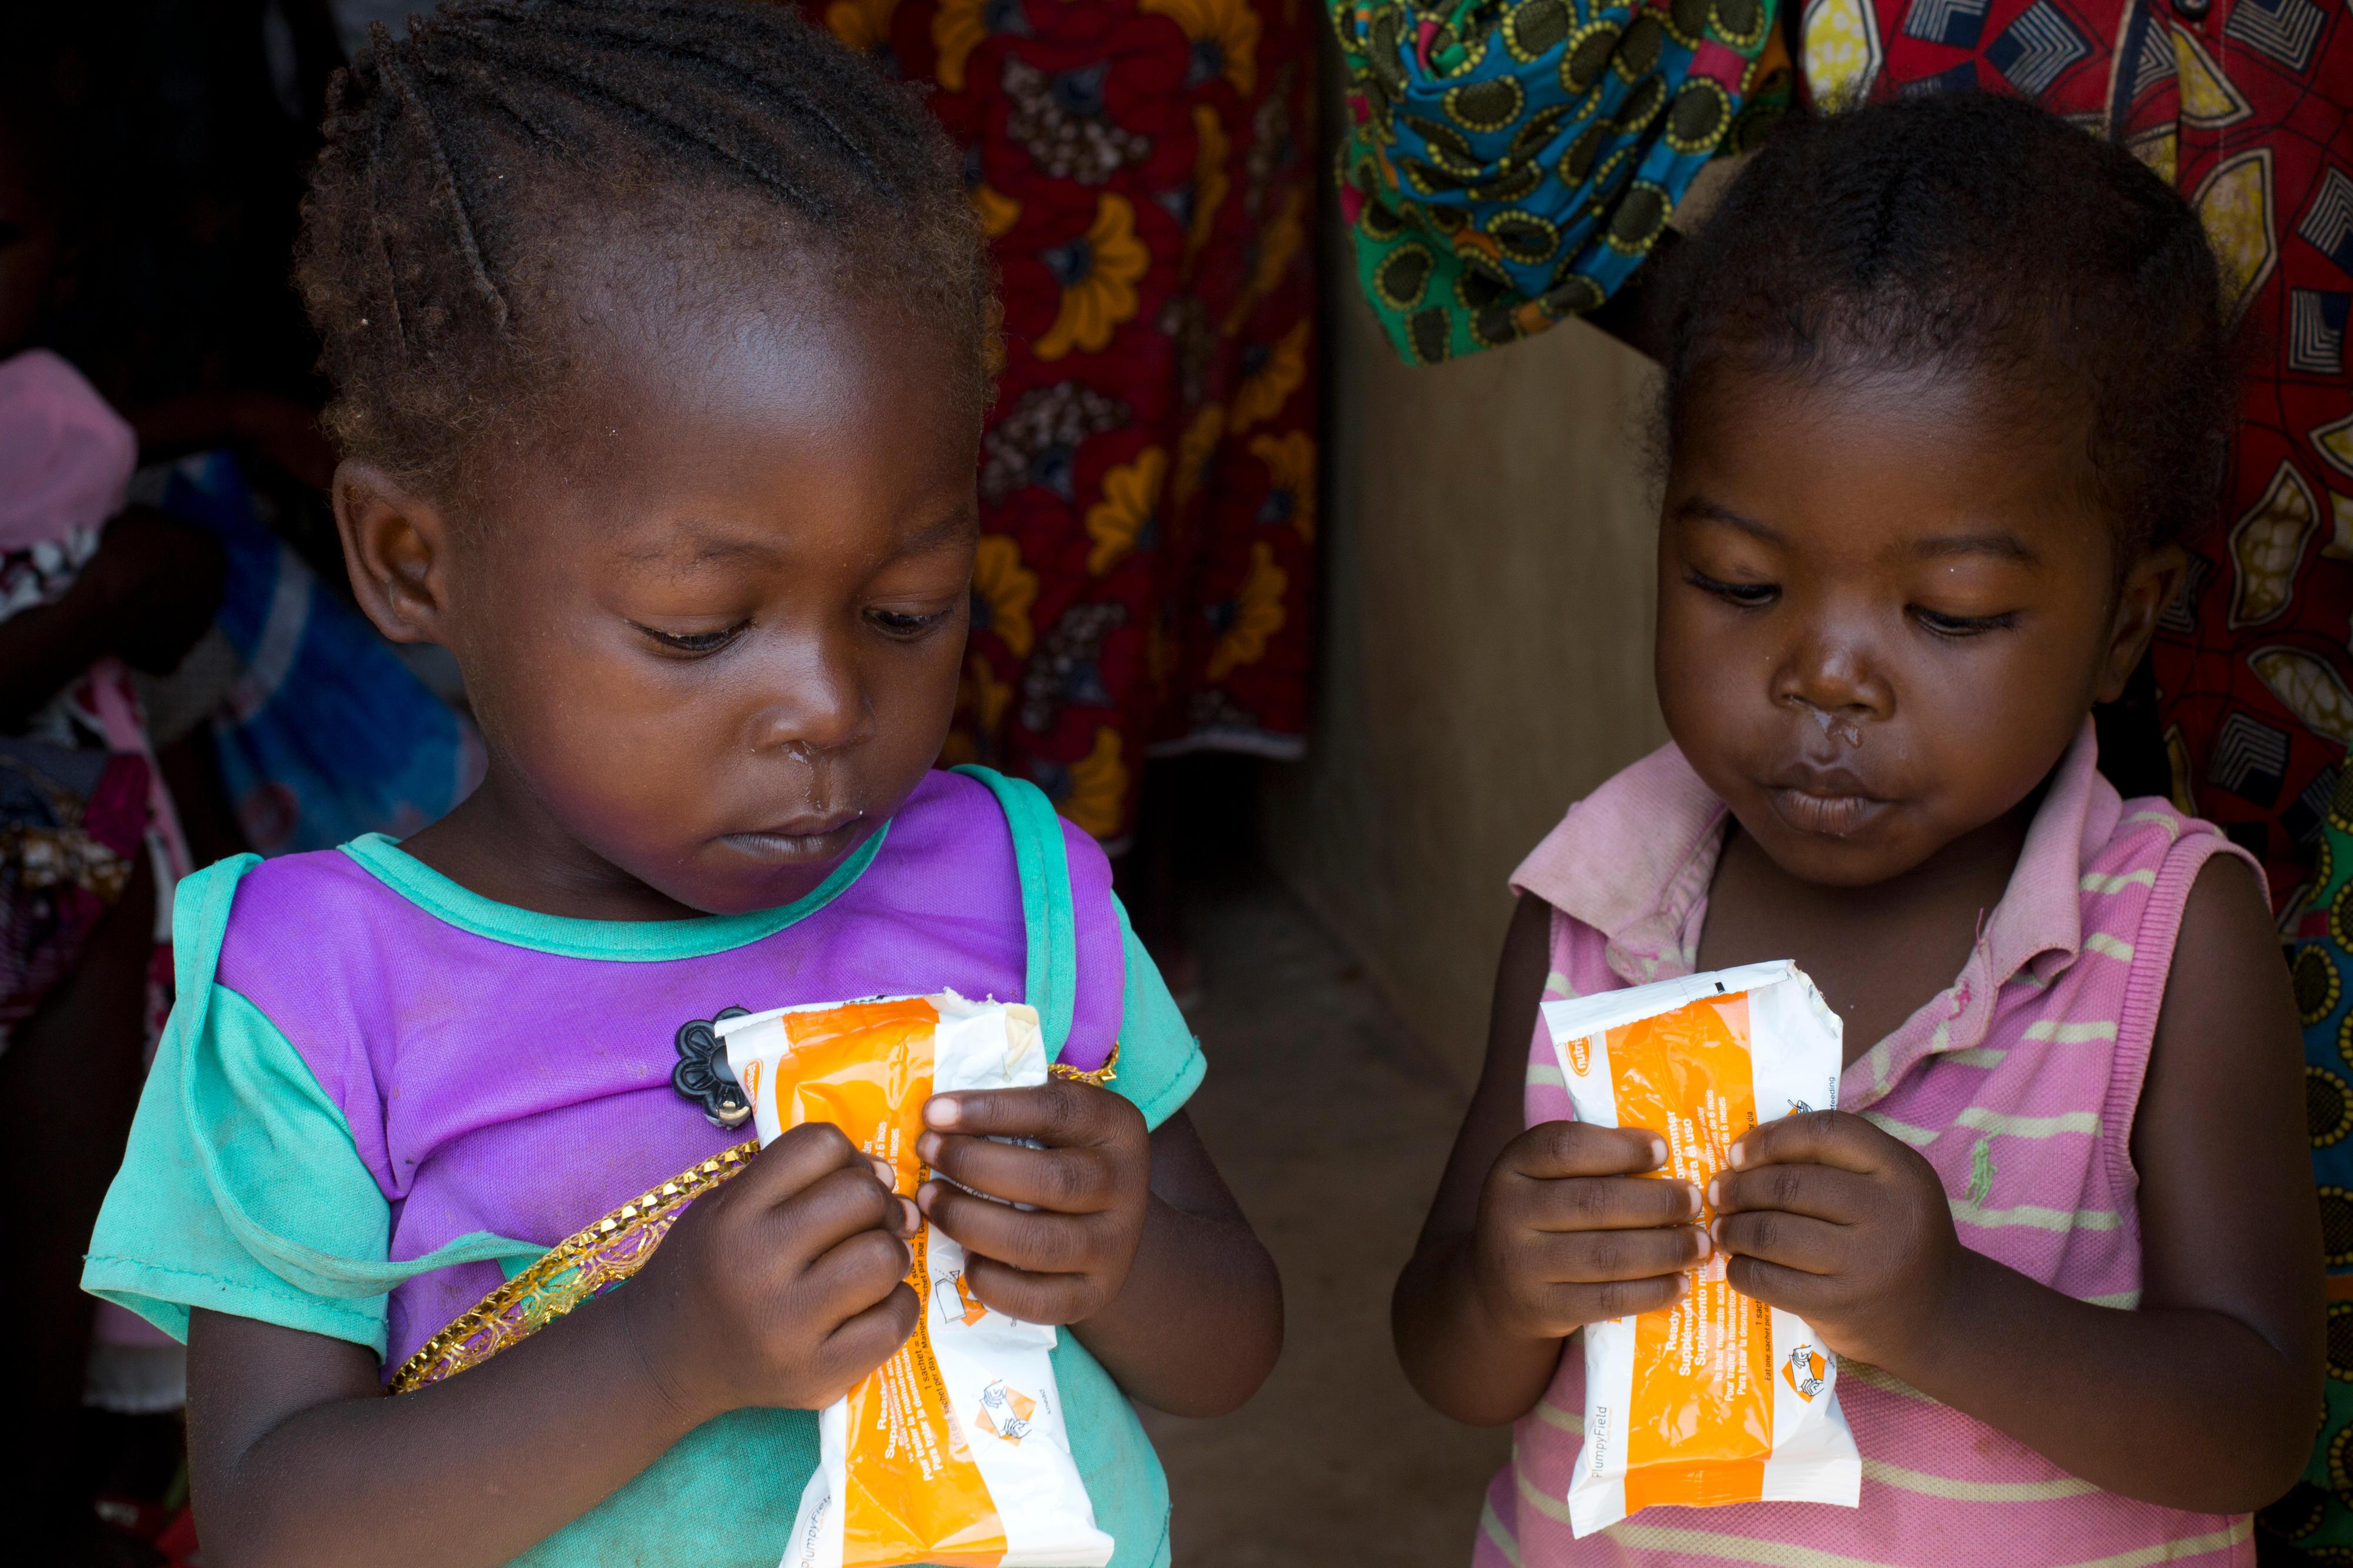 Kinder essen ein Nahrungsergänzungsmittel in einer Regierungsklinik in der Demokratischen Republik Kongo. Durch die Versorgung von Kindern mit Vitamin-A-Zusätzen konnte die Kindersterblichkeit in der Demokratischen Republik Kongo gesenkt werden.